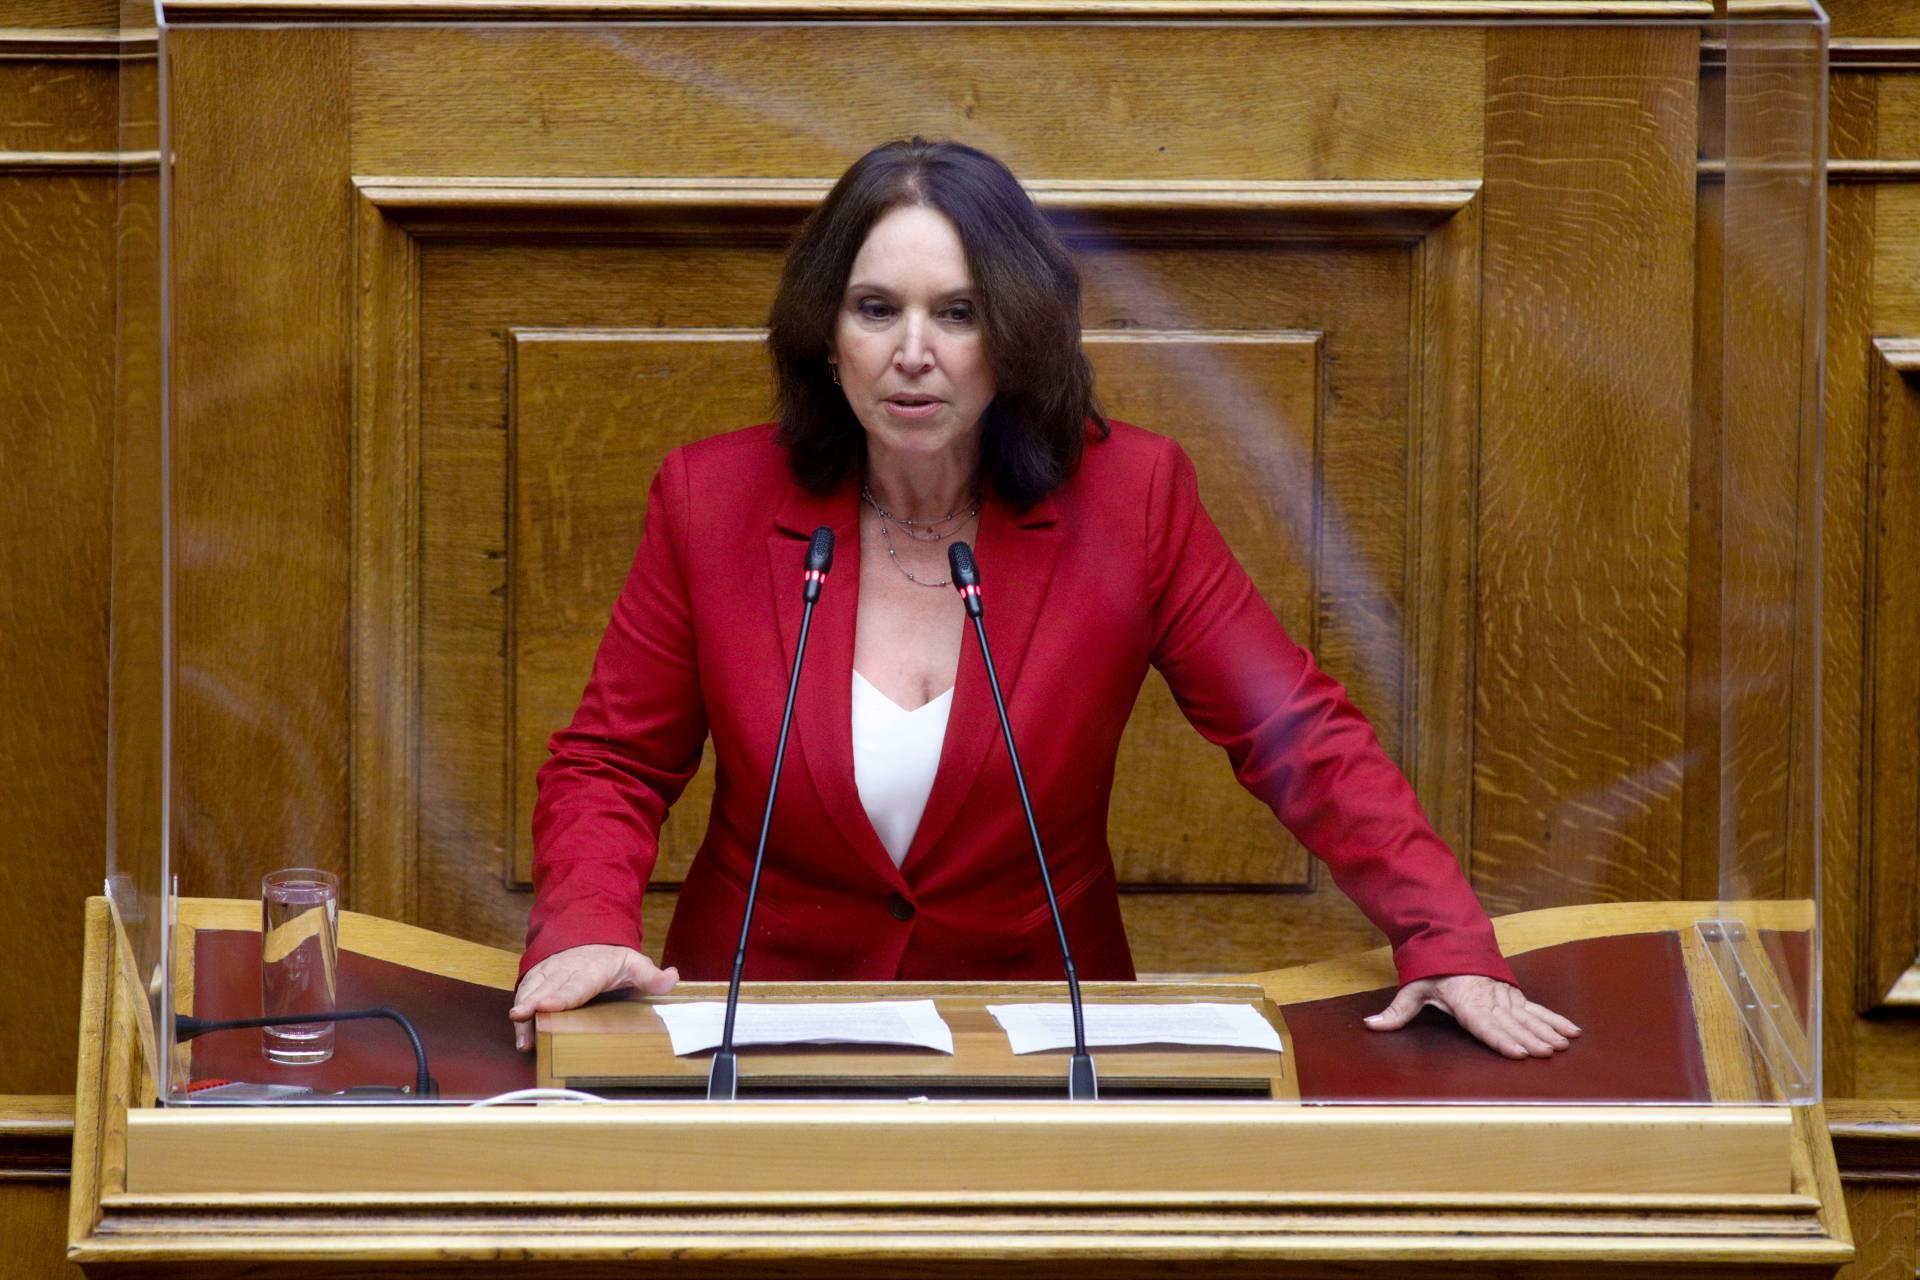 Καλλιόπη Βέττα:Η αυτοδιοίκηση δεν θα παραμείνει για πολύ όμηρος της ΝΔ και των πελατειακών της επιδιώξεων– Κοινοβουλευτική ομιλία για την αλλαγή του εκλογικού νόμου